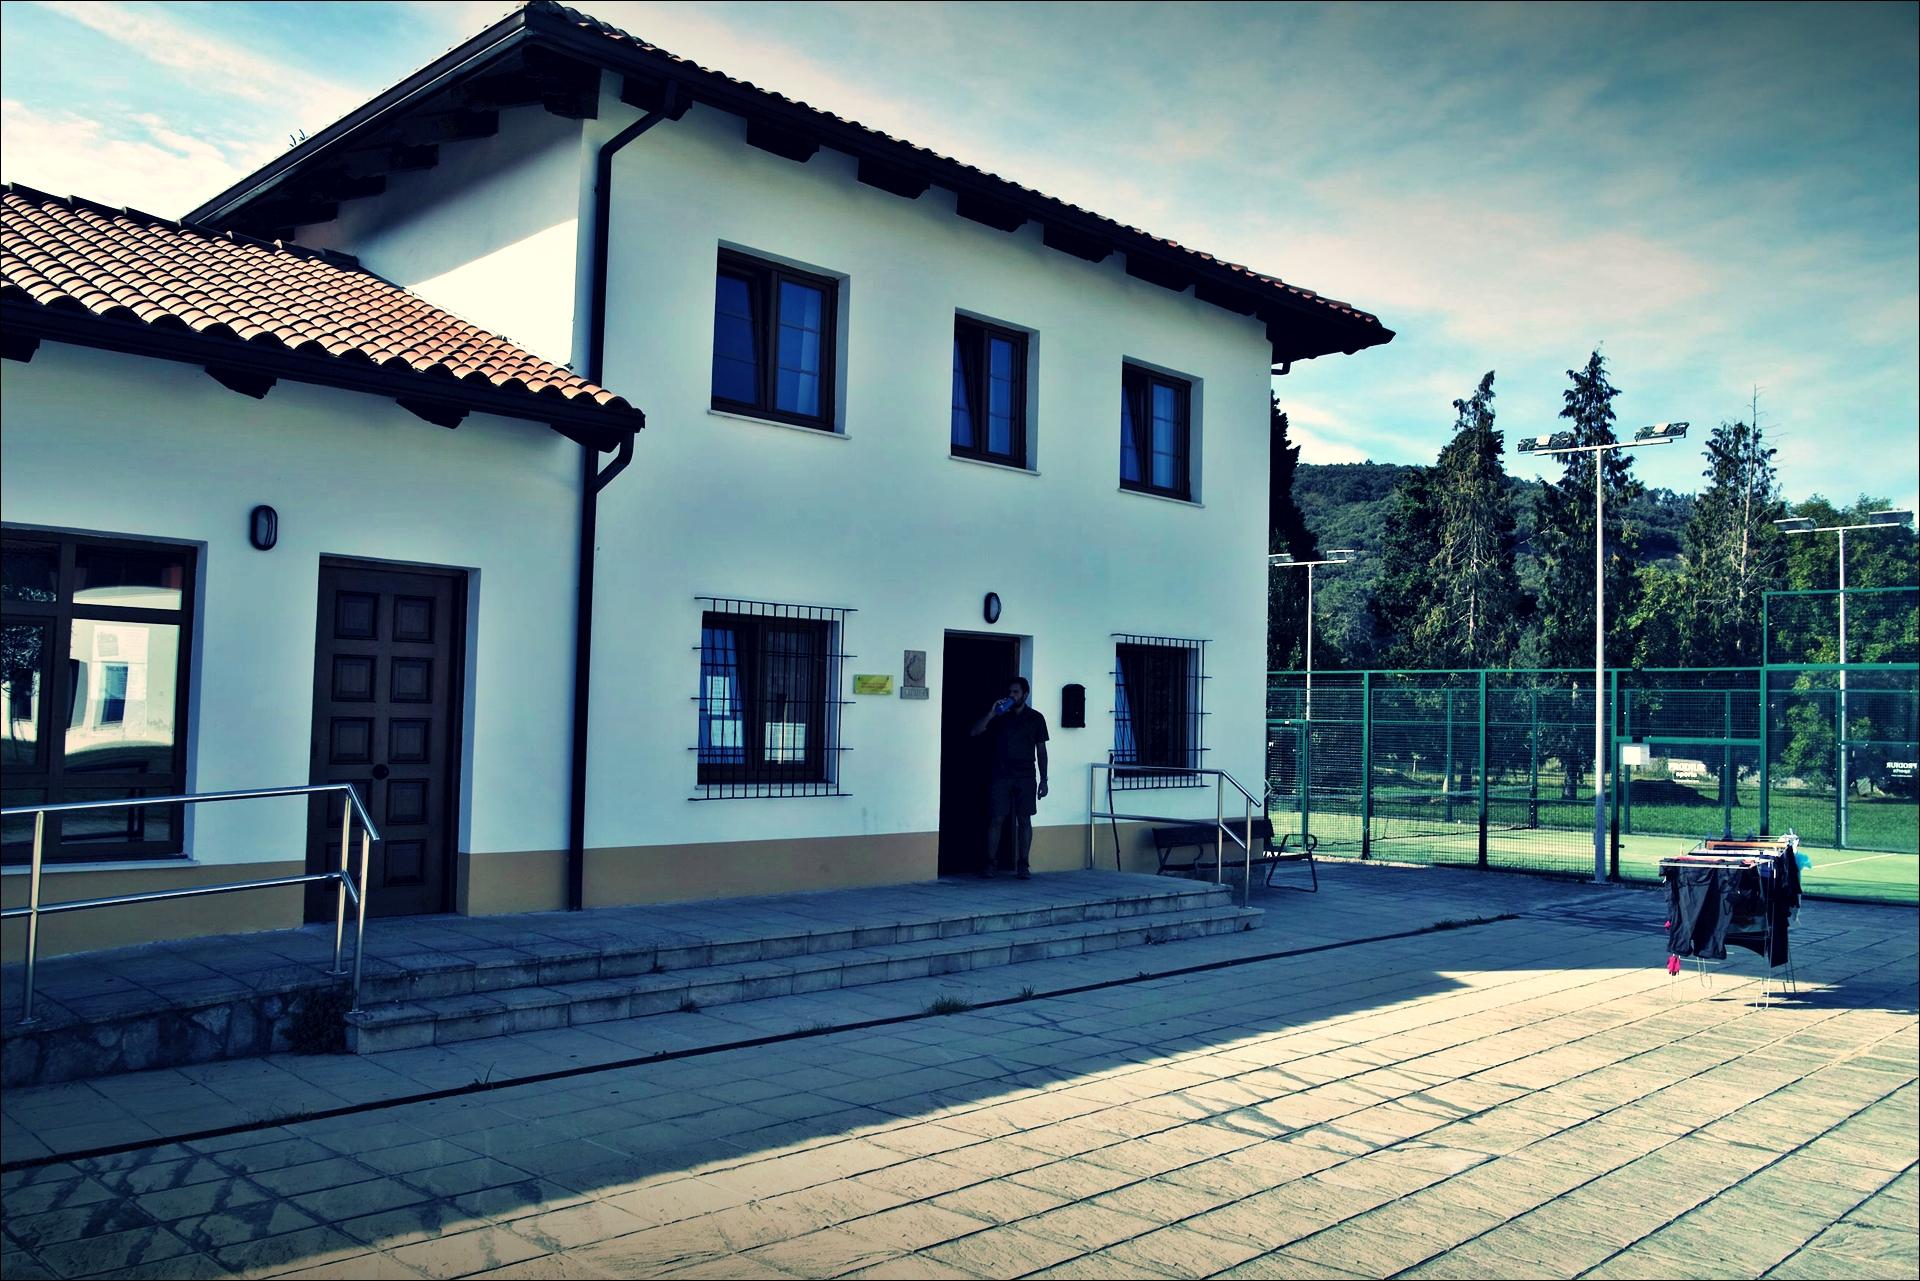 리엔도 알베르게-'카미노 데 산티아고 북쪽길. 카스트로 우르디알레스에서 리엔도. (Camino del Norte - Castro Urdiales to Liendo) '